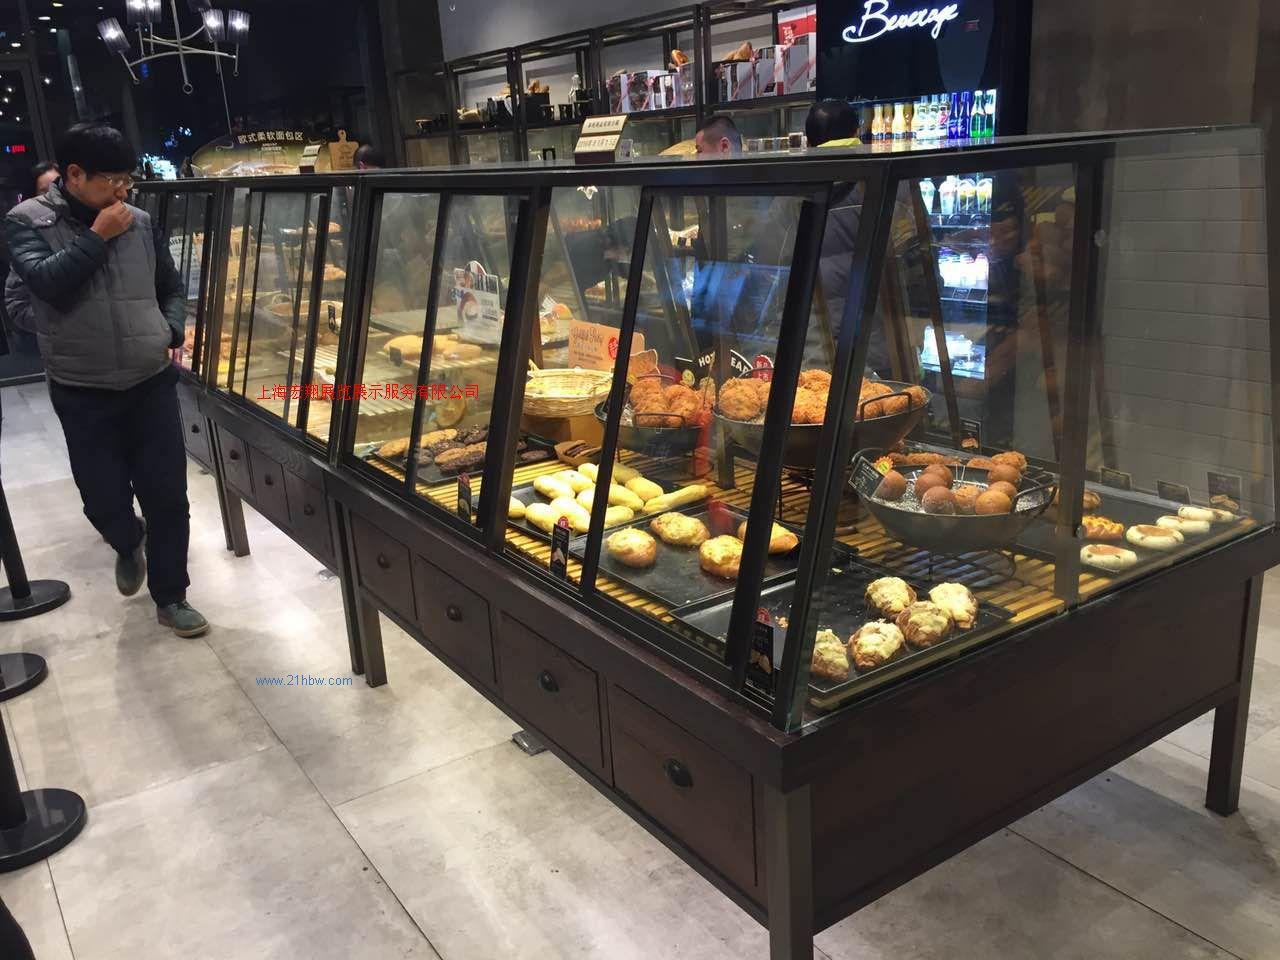 供应新款烘焙展柜(蛋糕柜,面包柜,中岛柜,边柜等)15